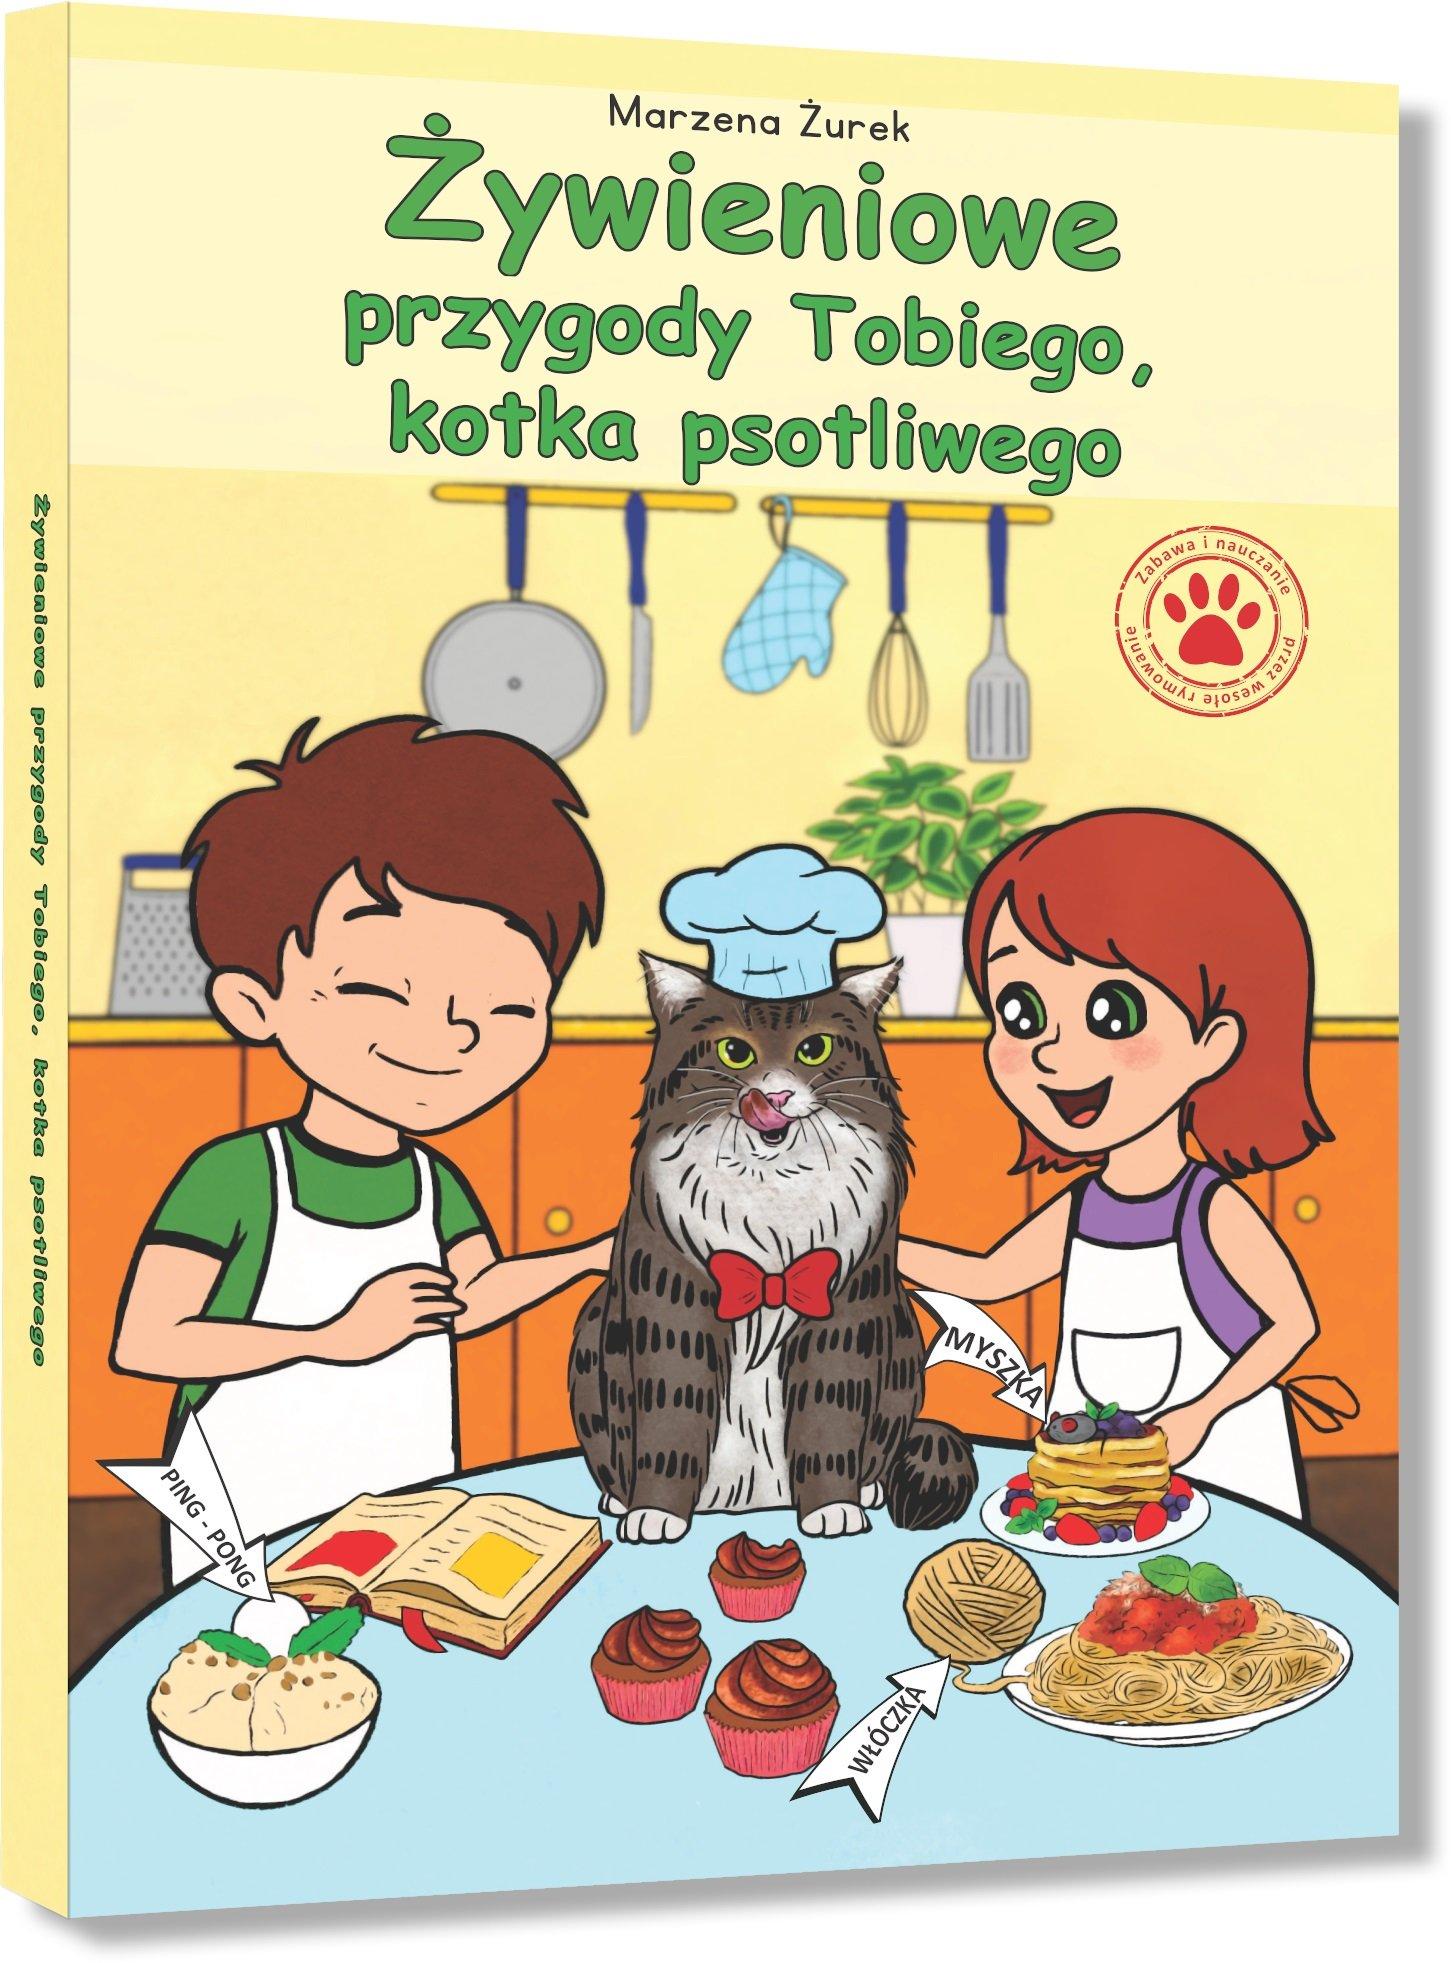 Przygody Tobiego, kotka psotliwego - książka dla dzieci